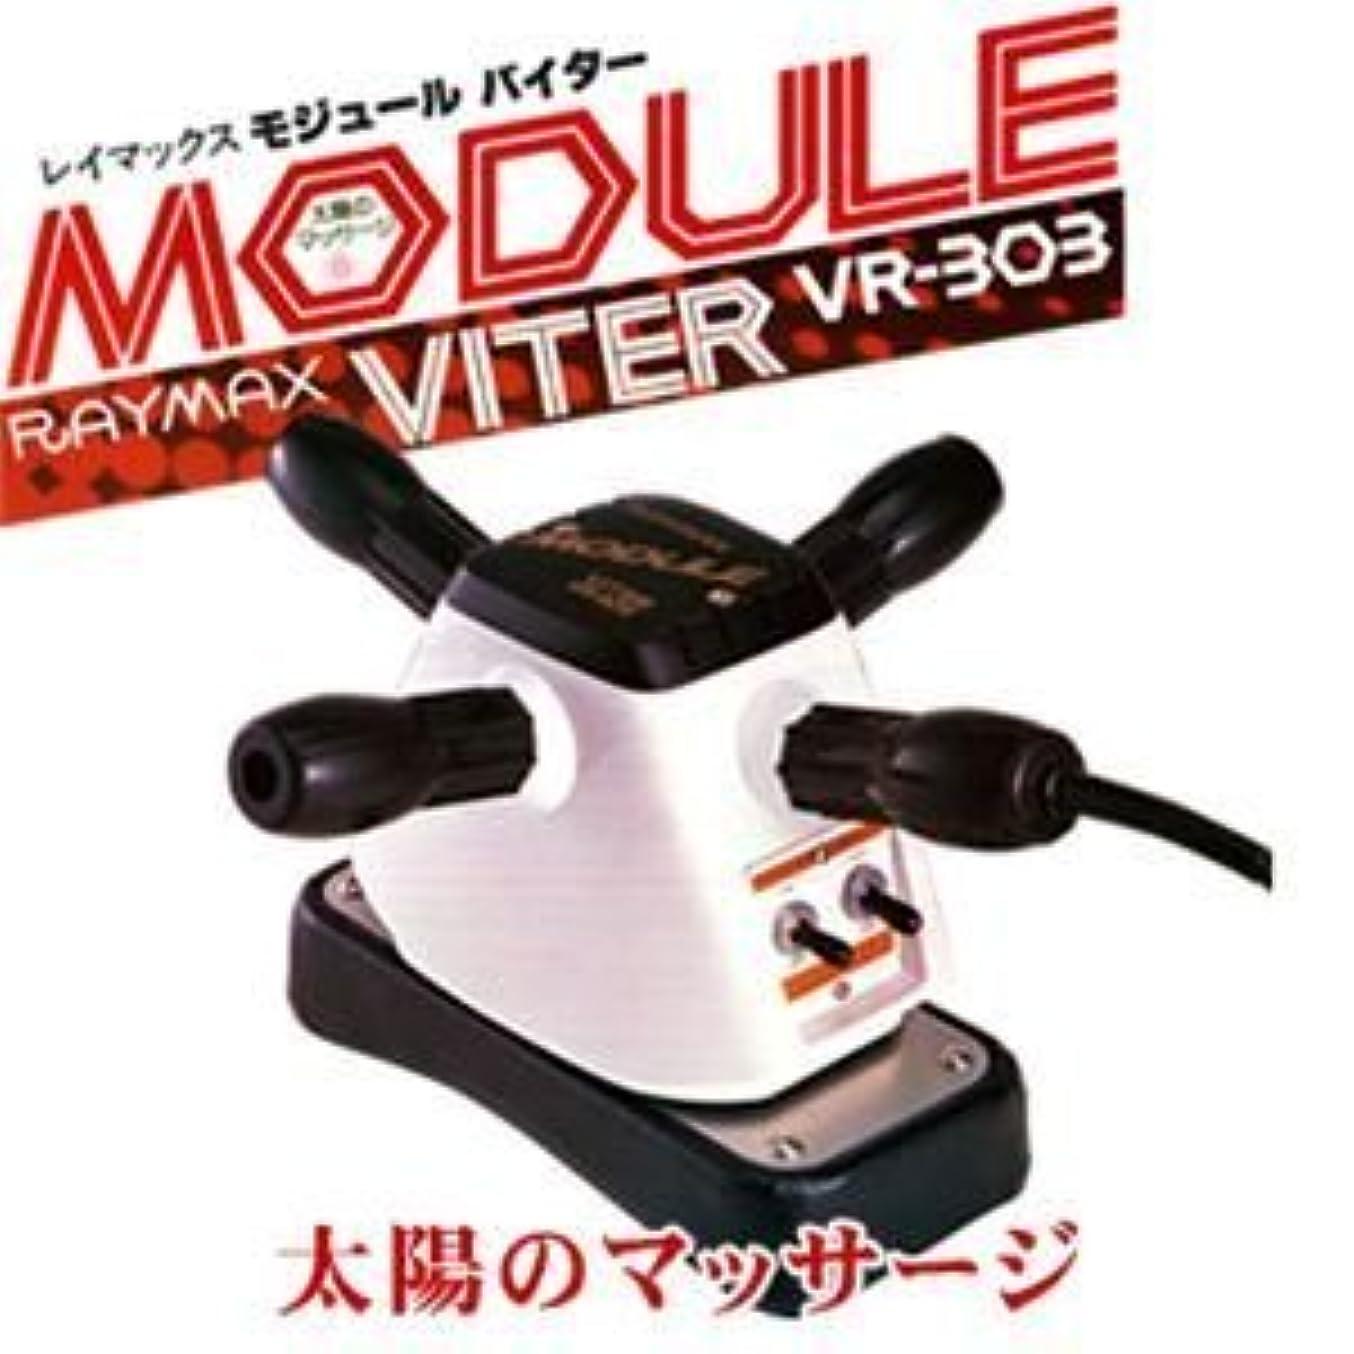 過剰媒染剤バレルRAYMAX(レイマックス) モジュールバイター VR-303